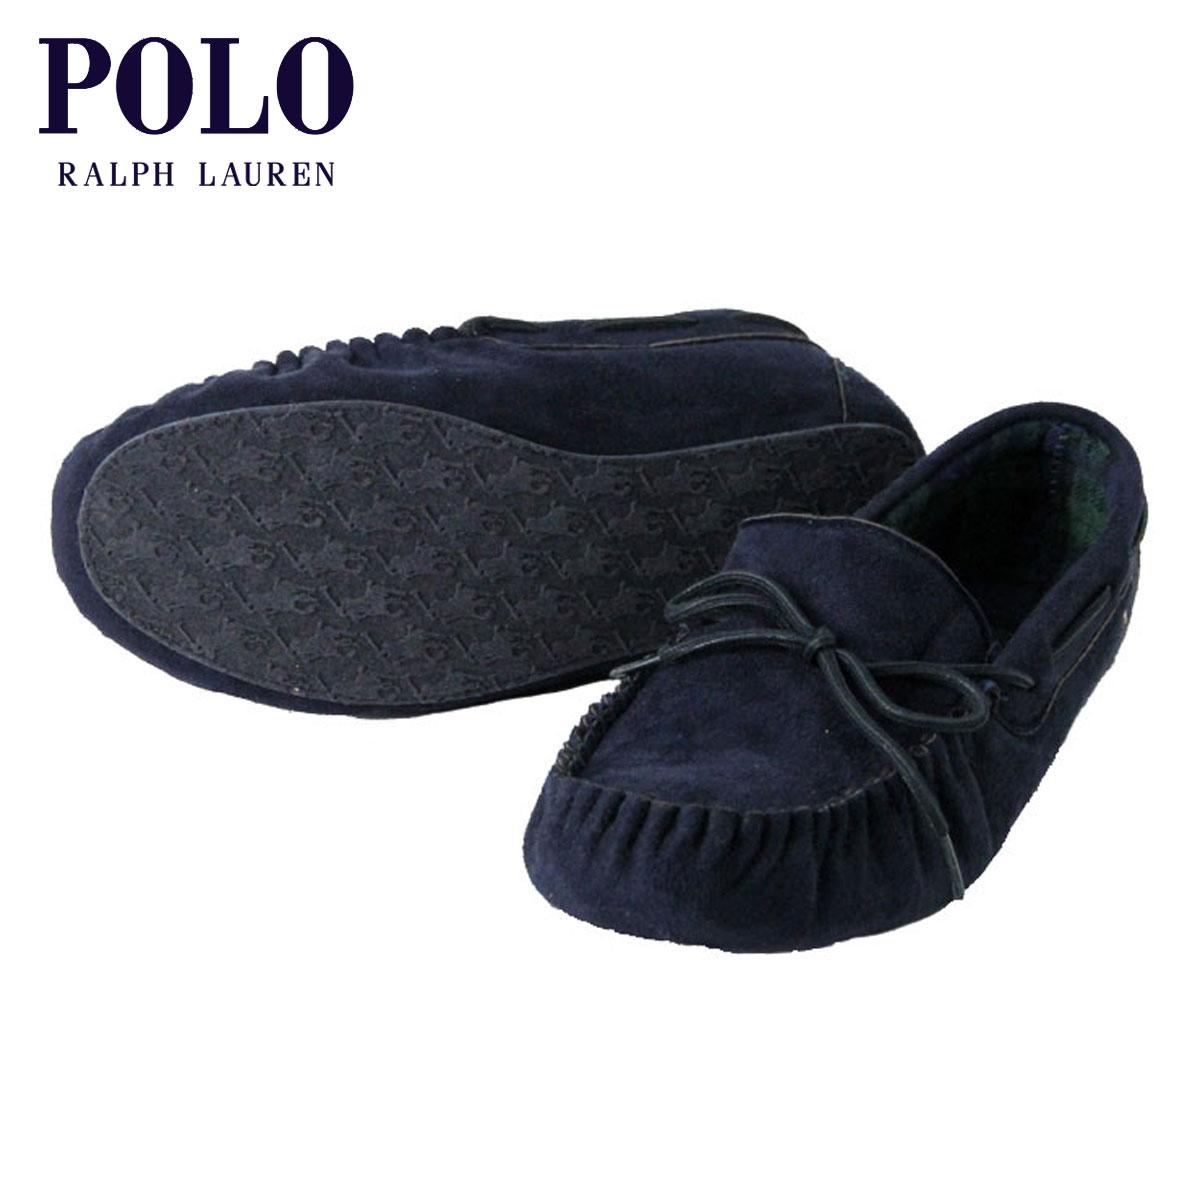 ポロ ラルフローレン POLO RALPH LAUREN 正規品 サンダル Room Shoes D00S20